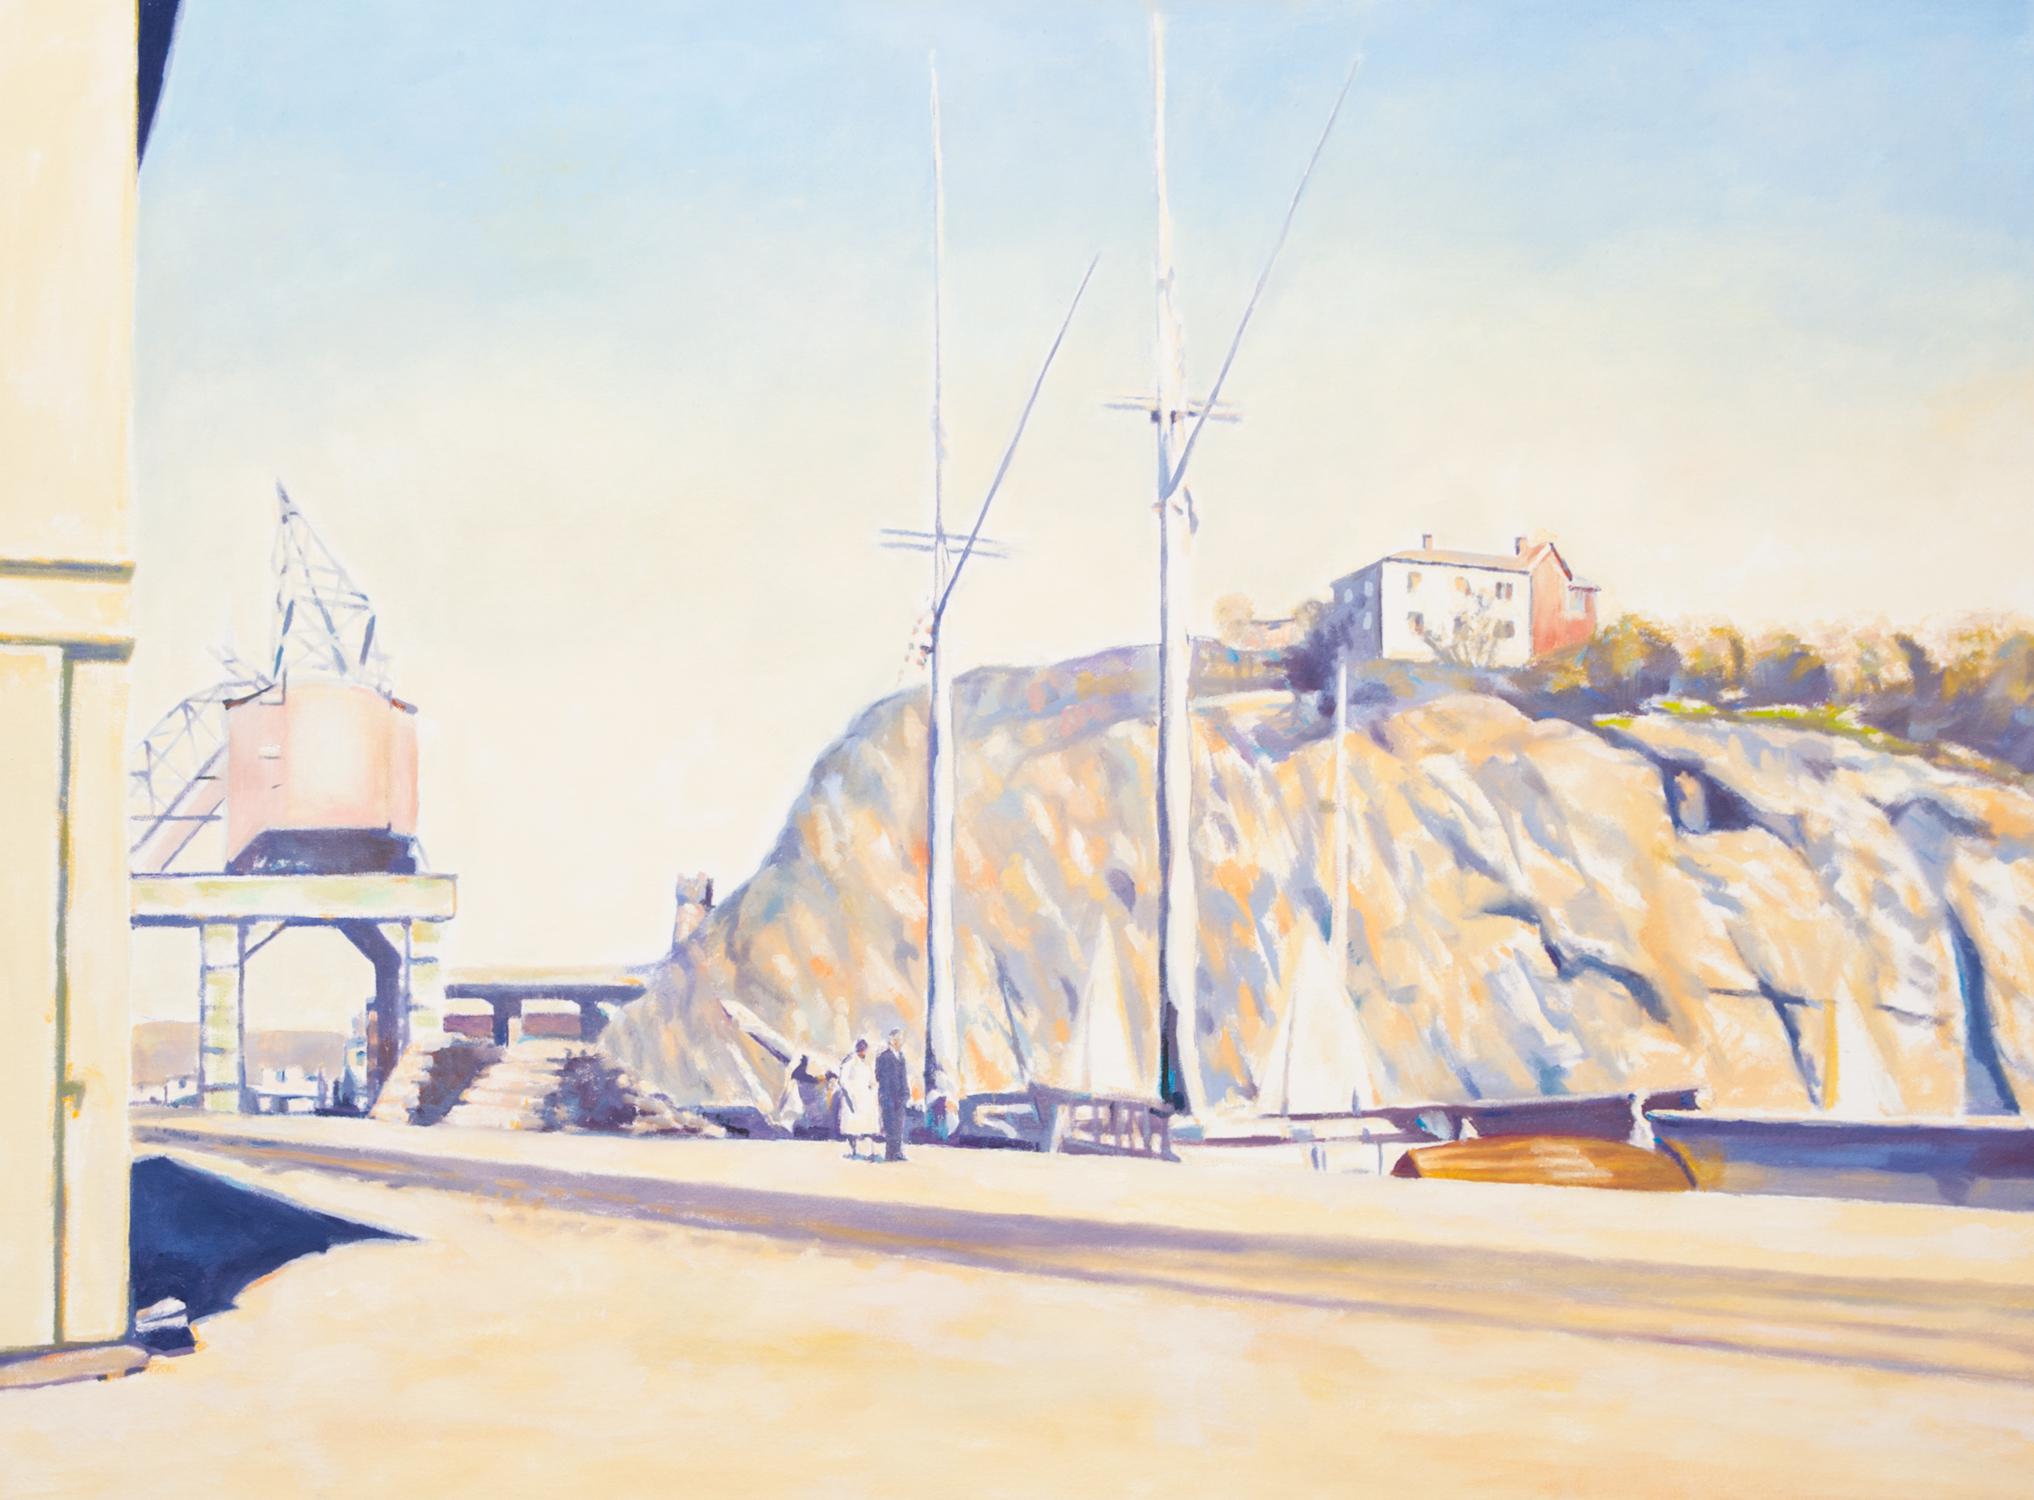 Claes-Åke Schlönzig - Danviks kanal 1920-tal - Klicka för att byta till perspektivbild.